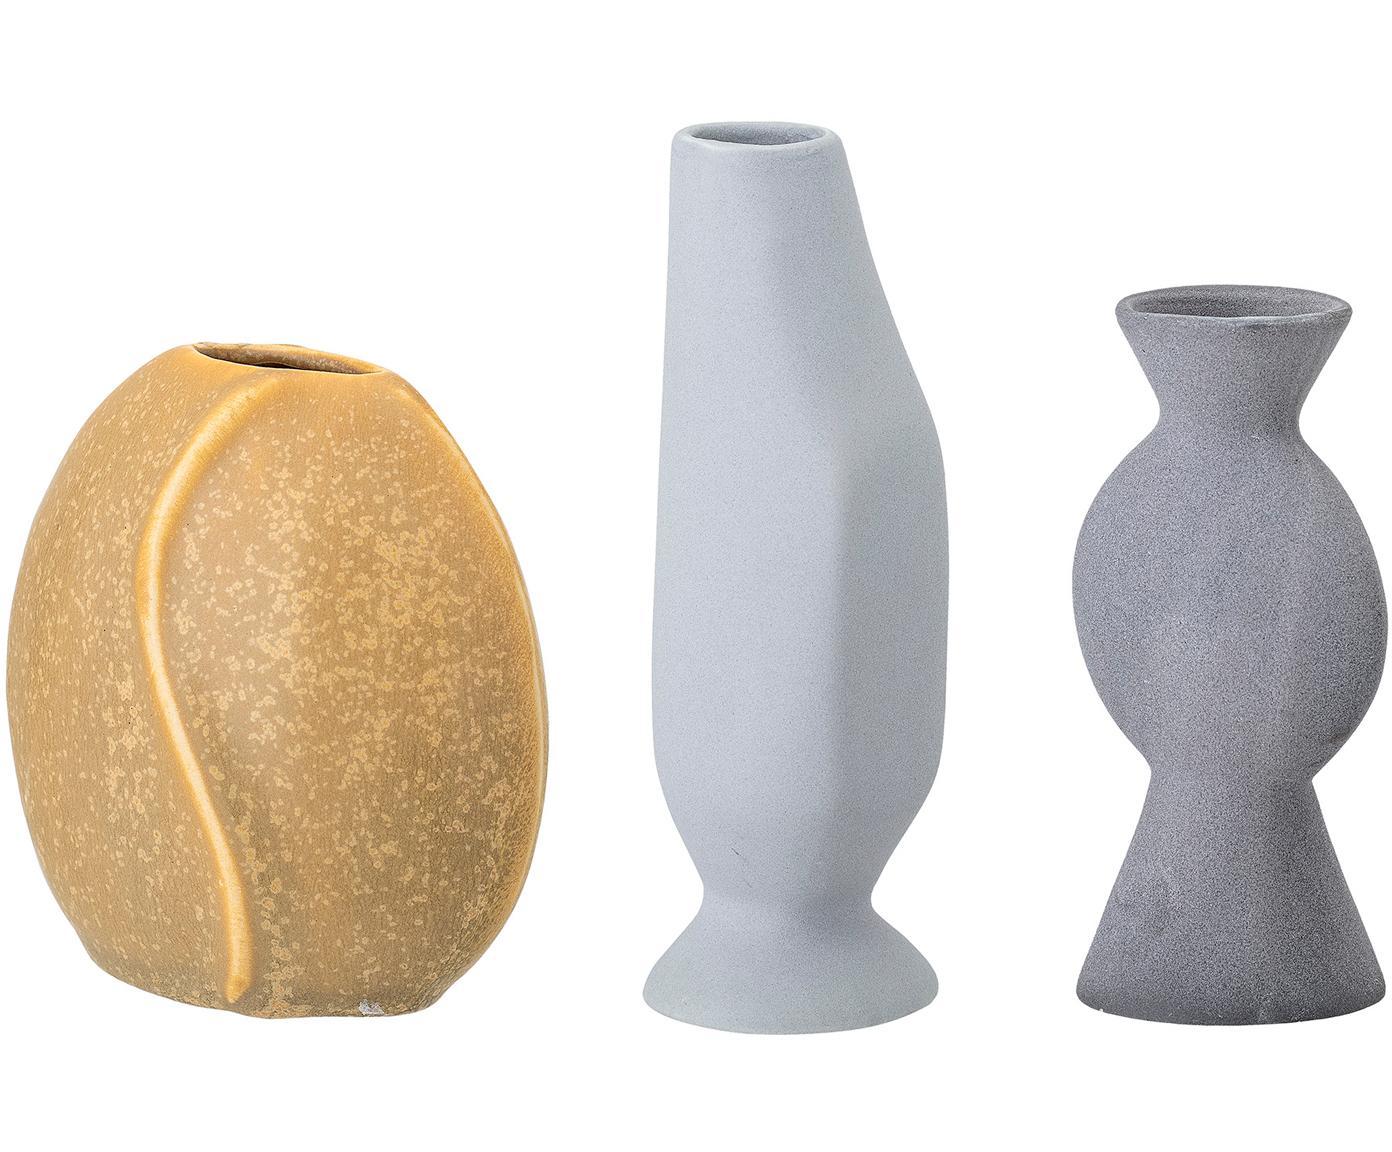 Kleine handgemaakte vazenset Lubava, 3-delig, Keramiek, Geel, lichtgrijs, grijs, Verschillende formaten